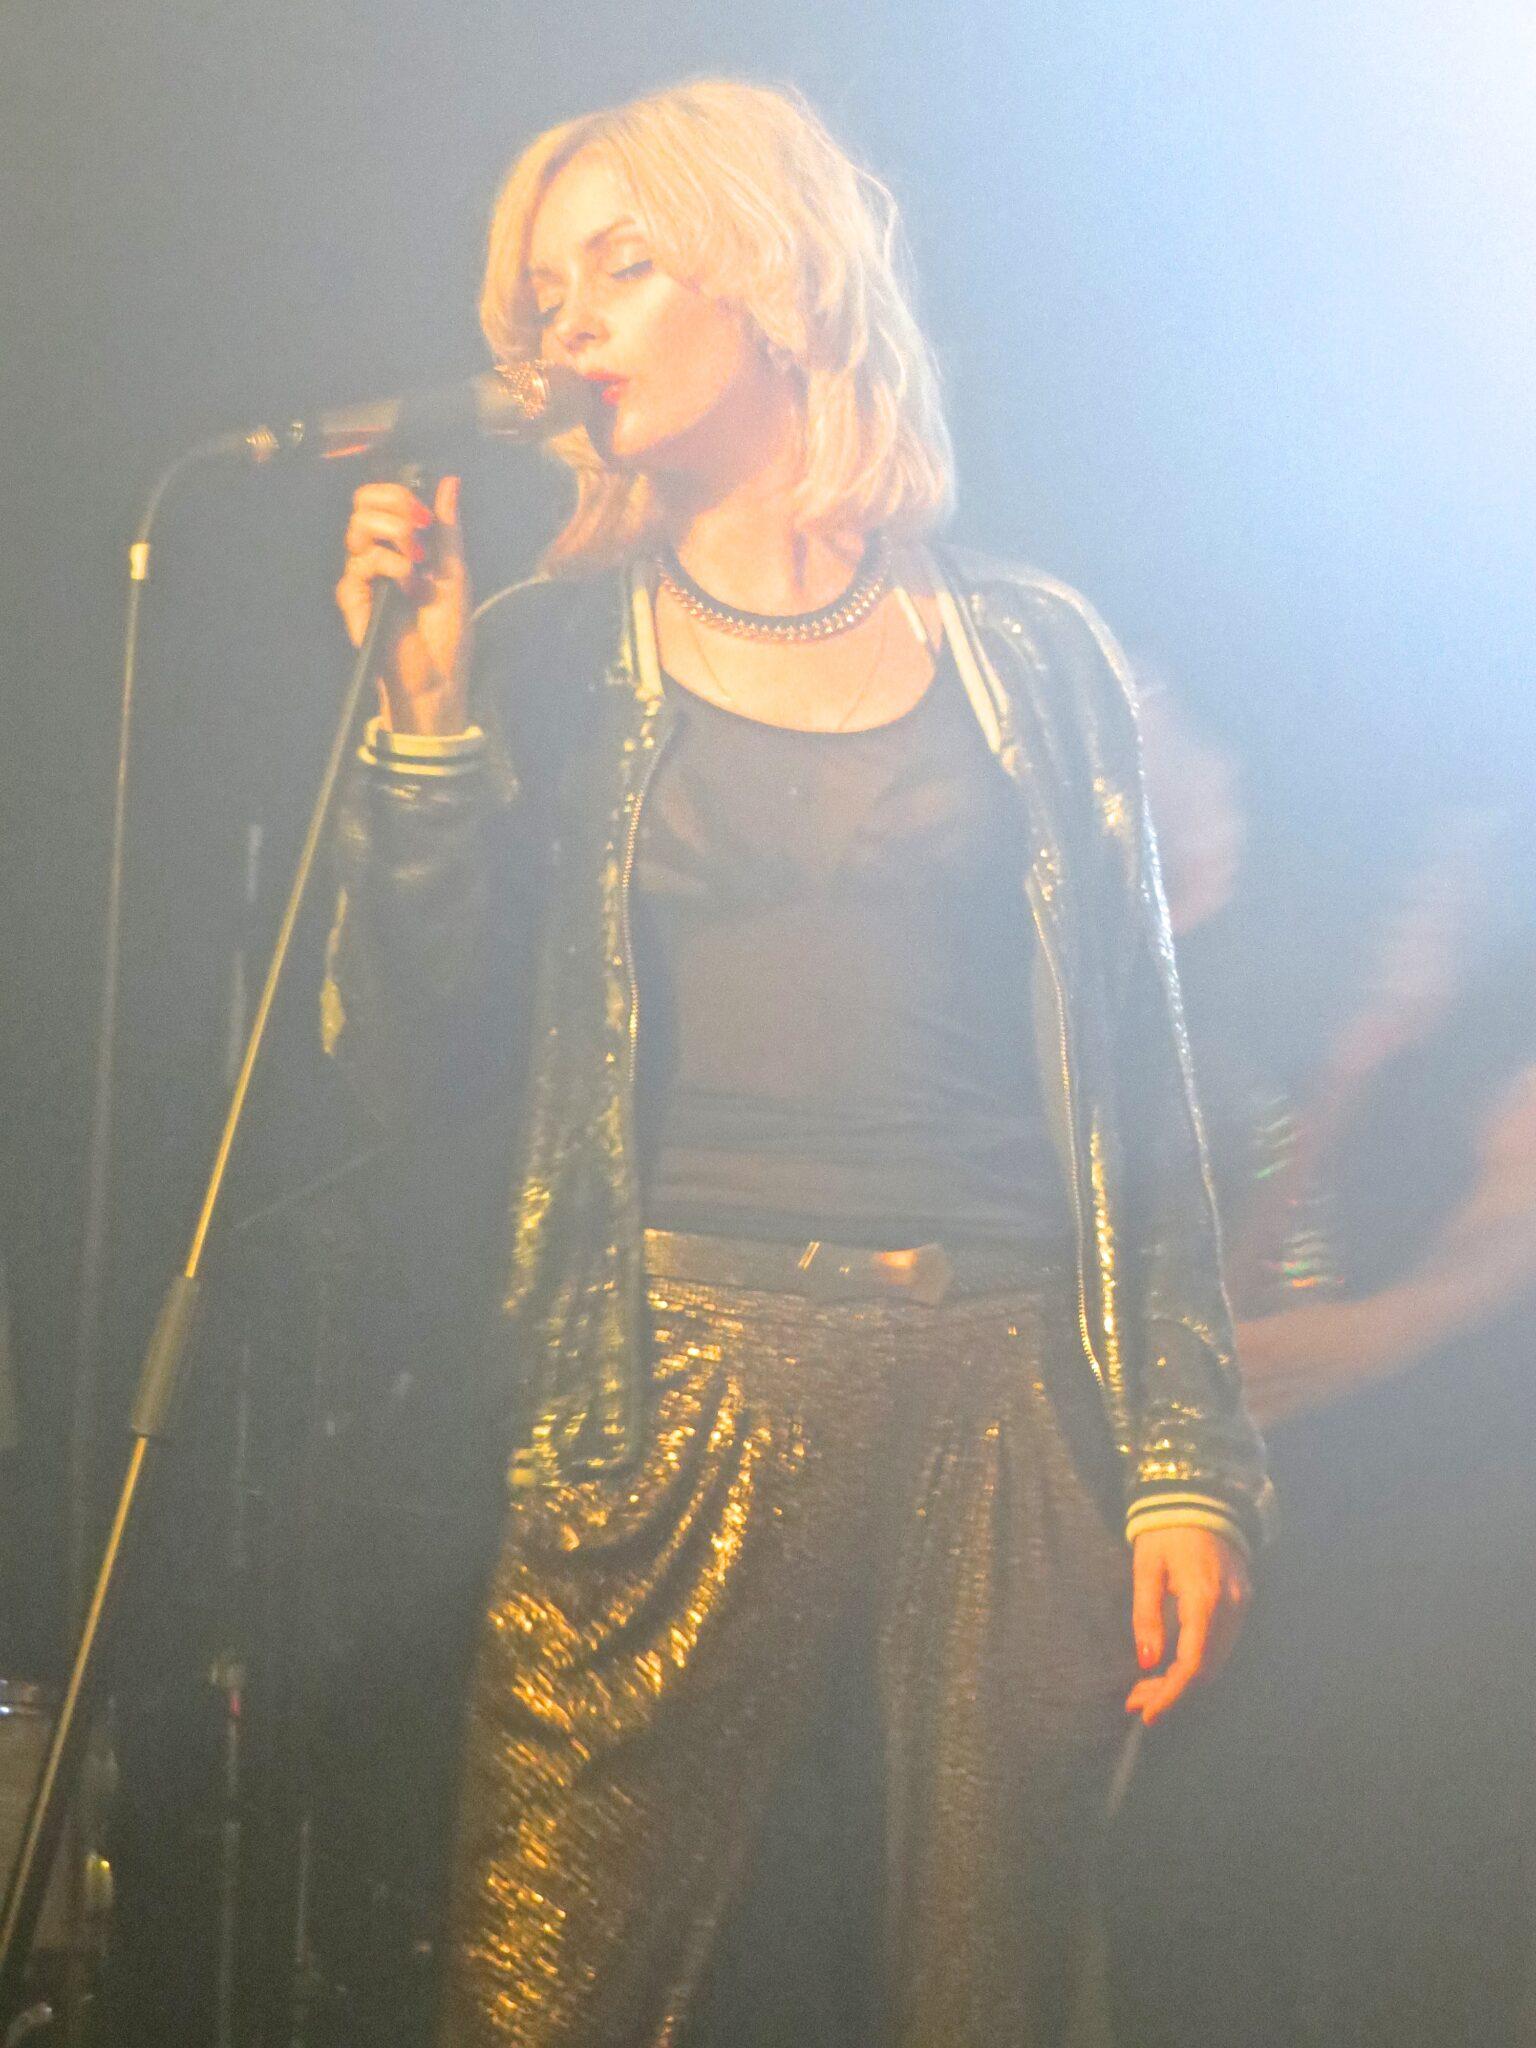 Meeta Lindberg on stage at Oslo